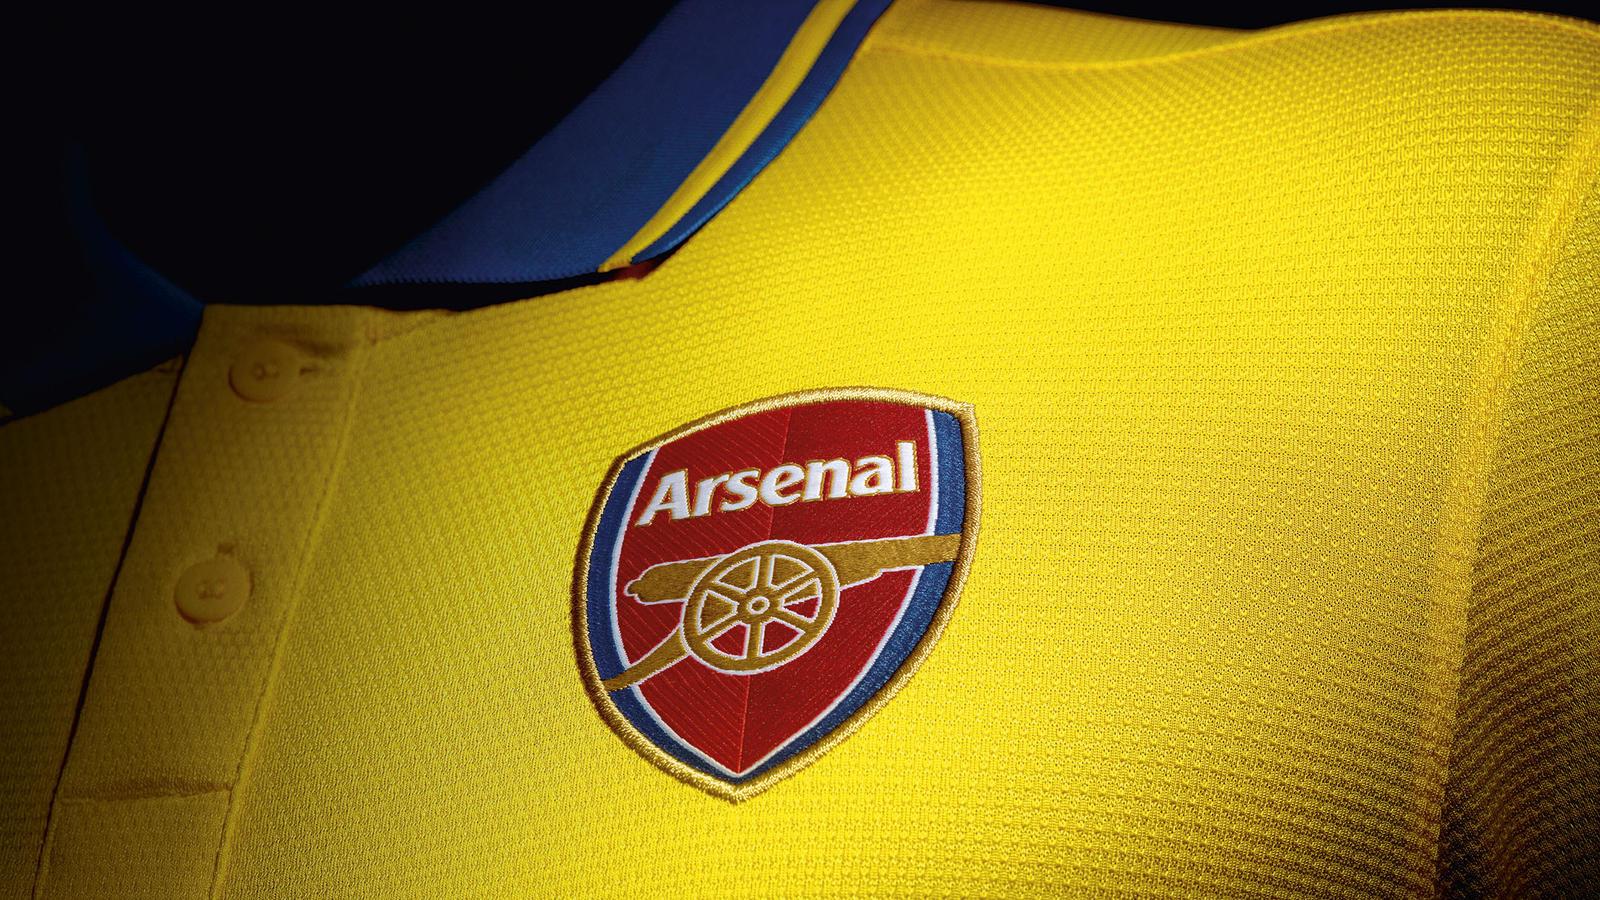 Arsenal Away Shirt 2013-14 Crest